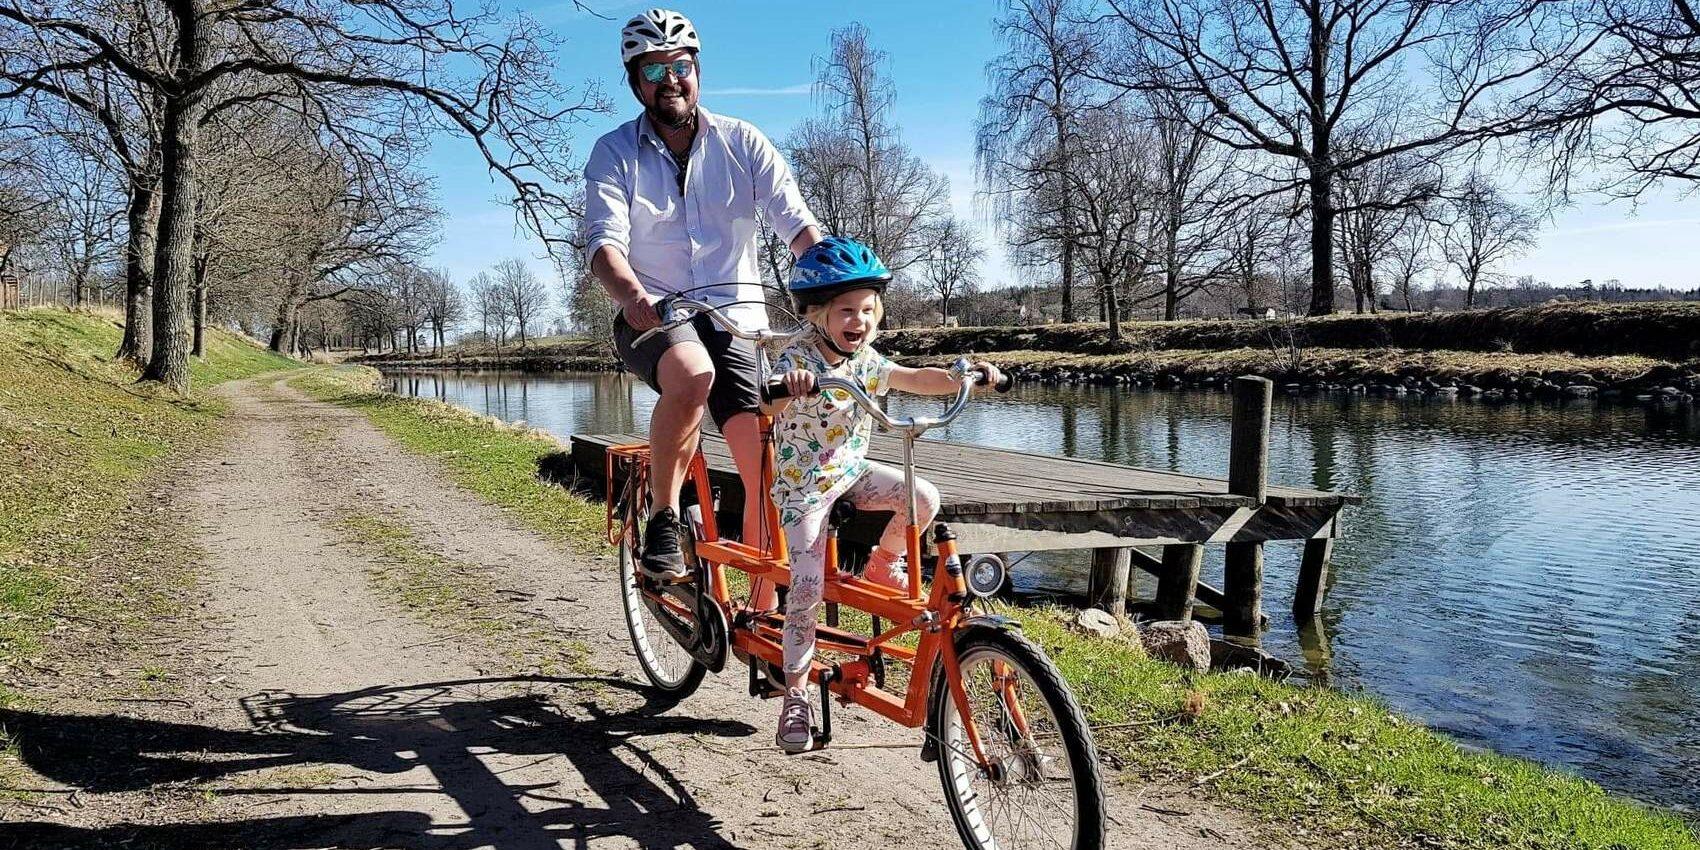 En man cyklar med ett barn på en orange tandemcykel längs md en kanal